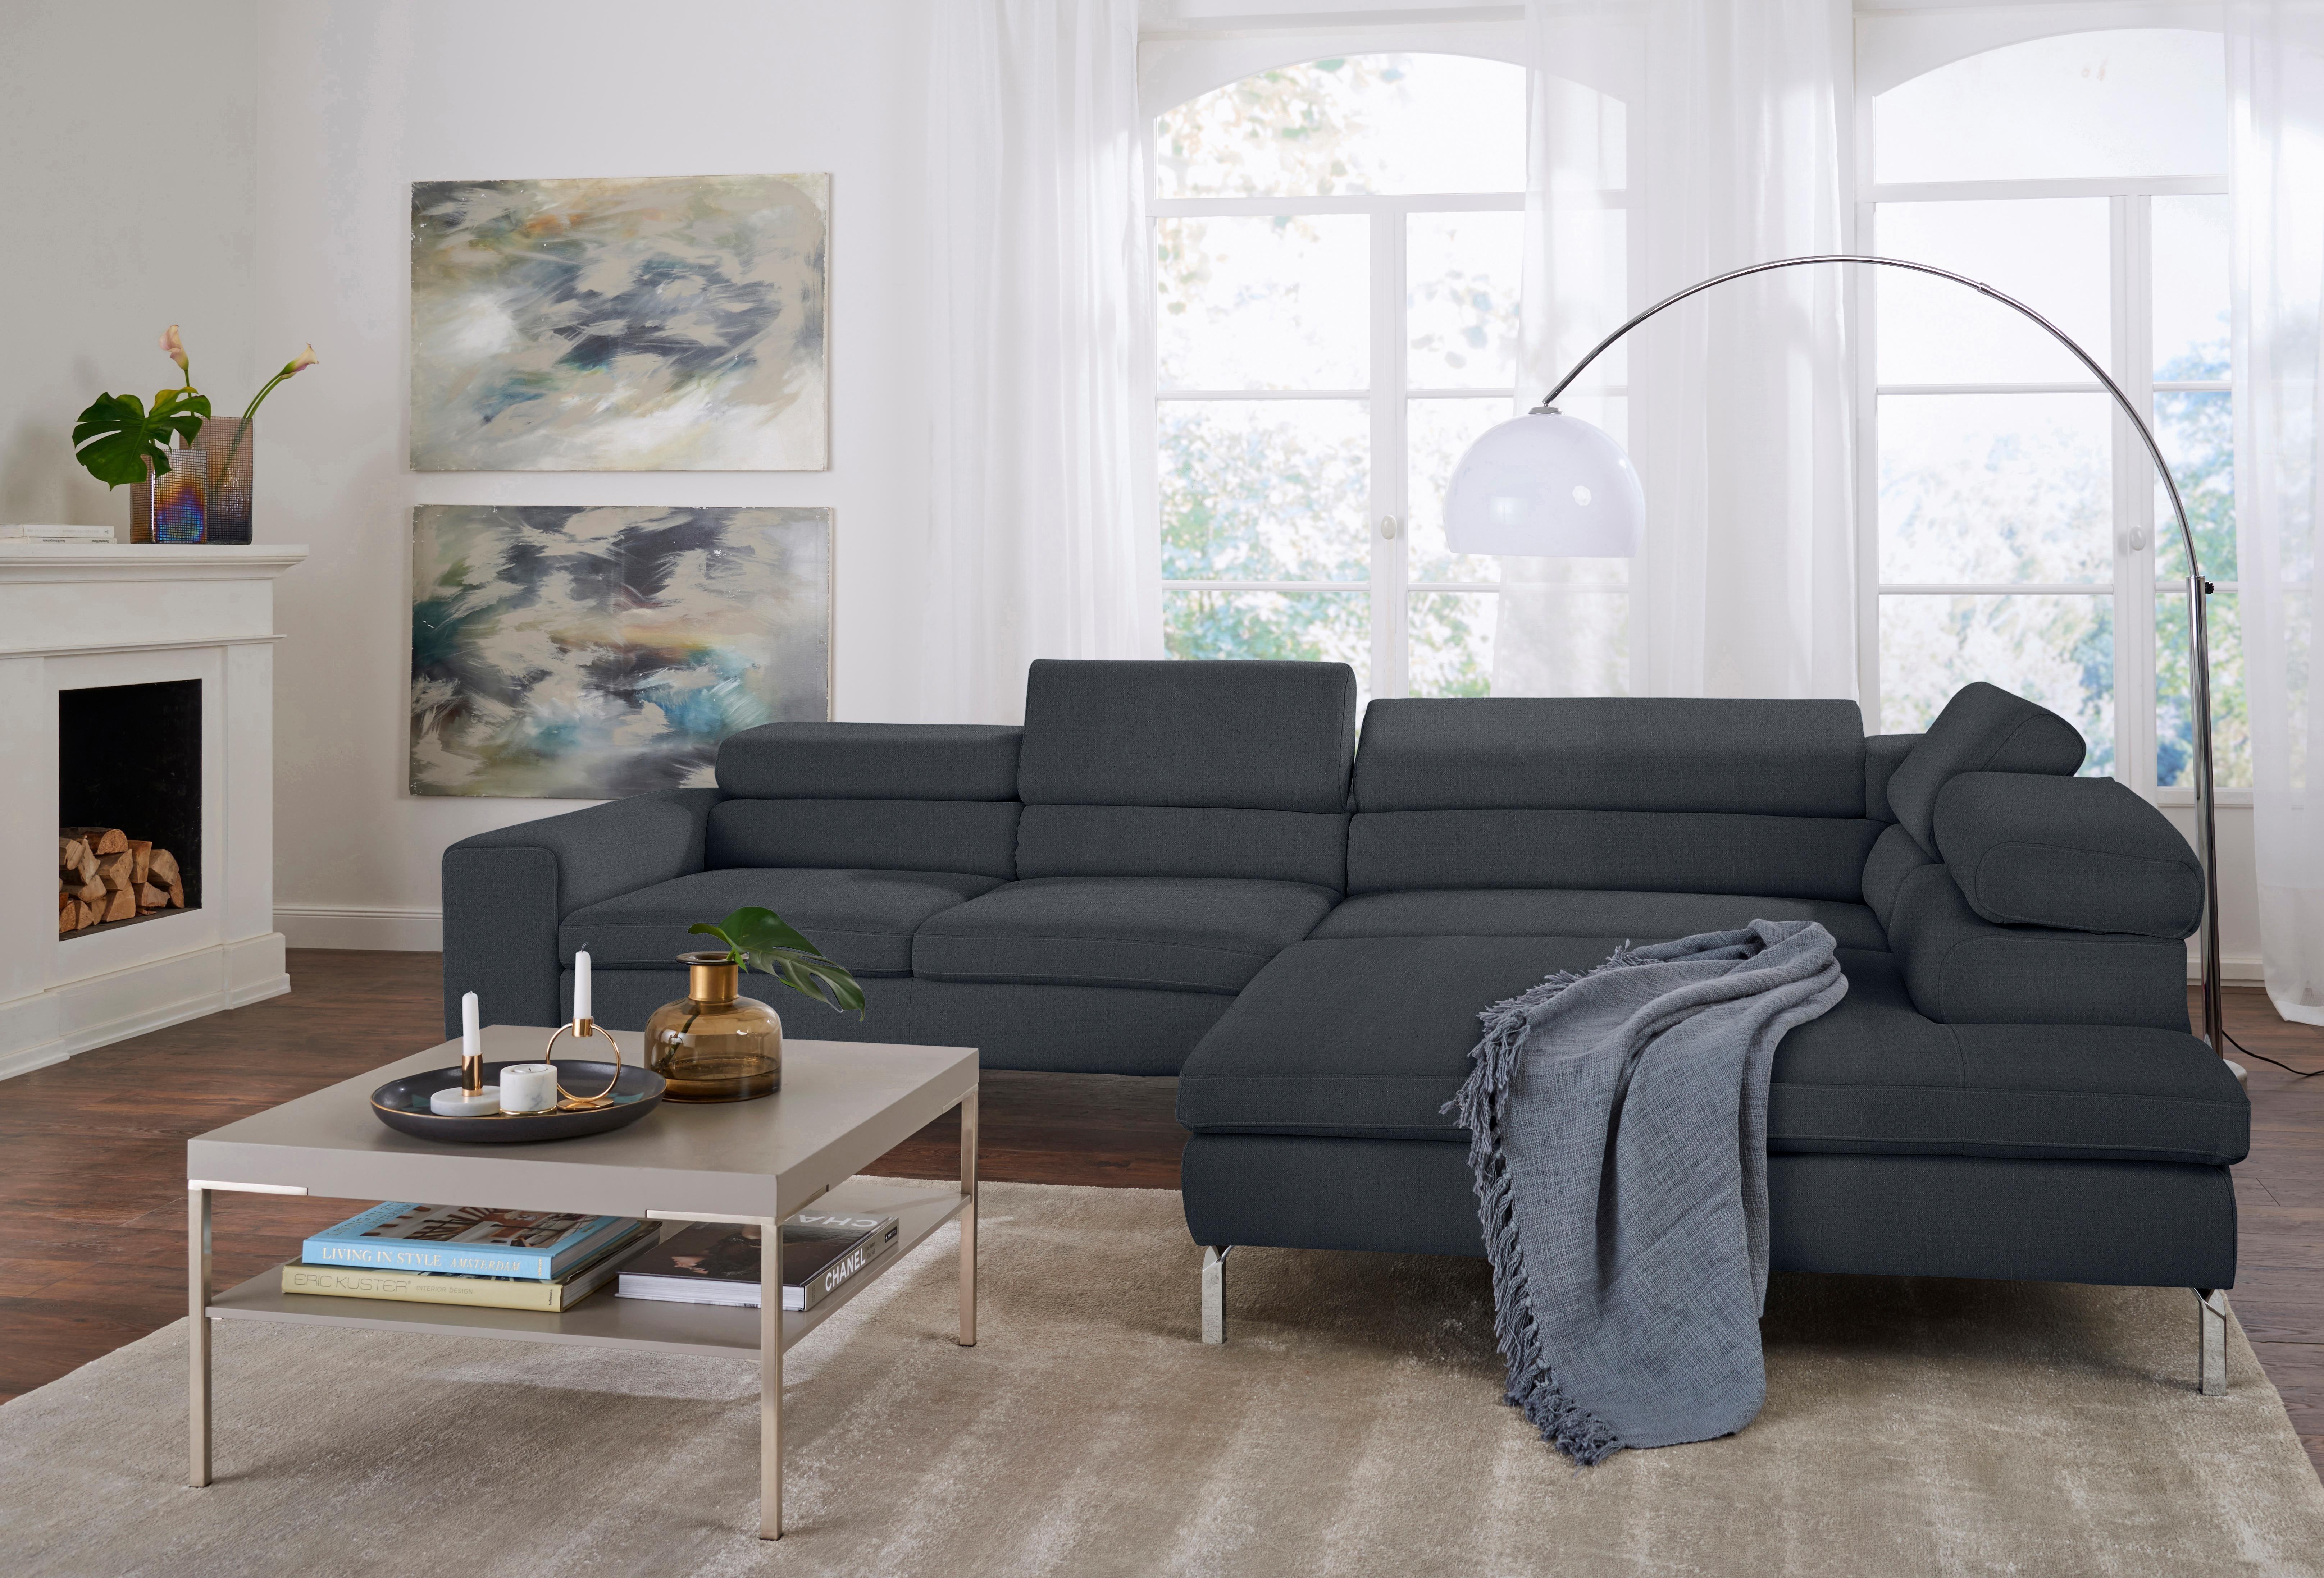 Wohnzimmer 2 und 3 si Sofas & Couches online kaufen